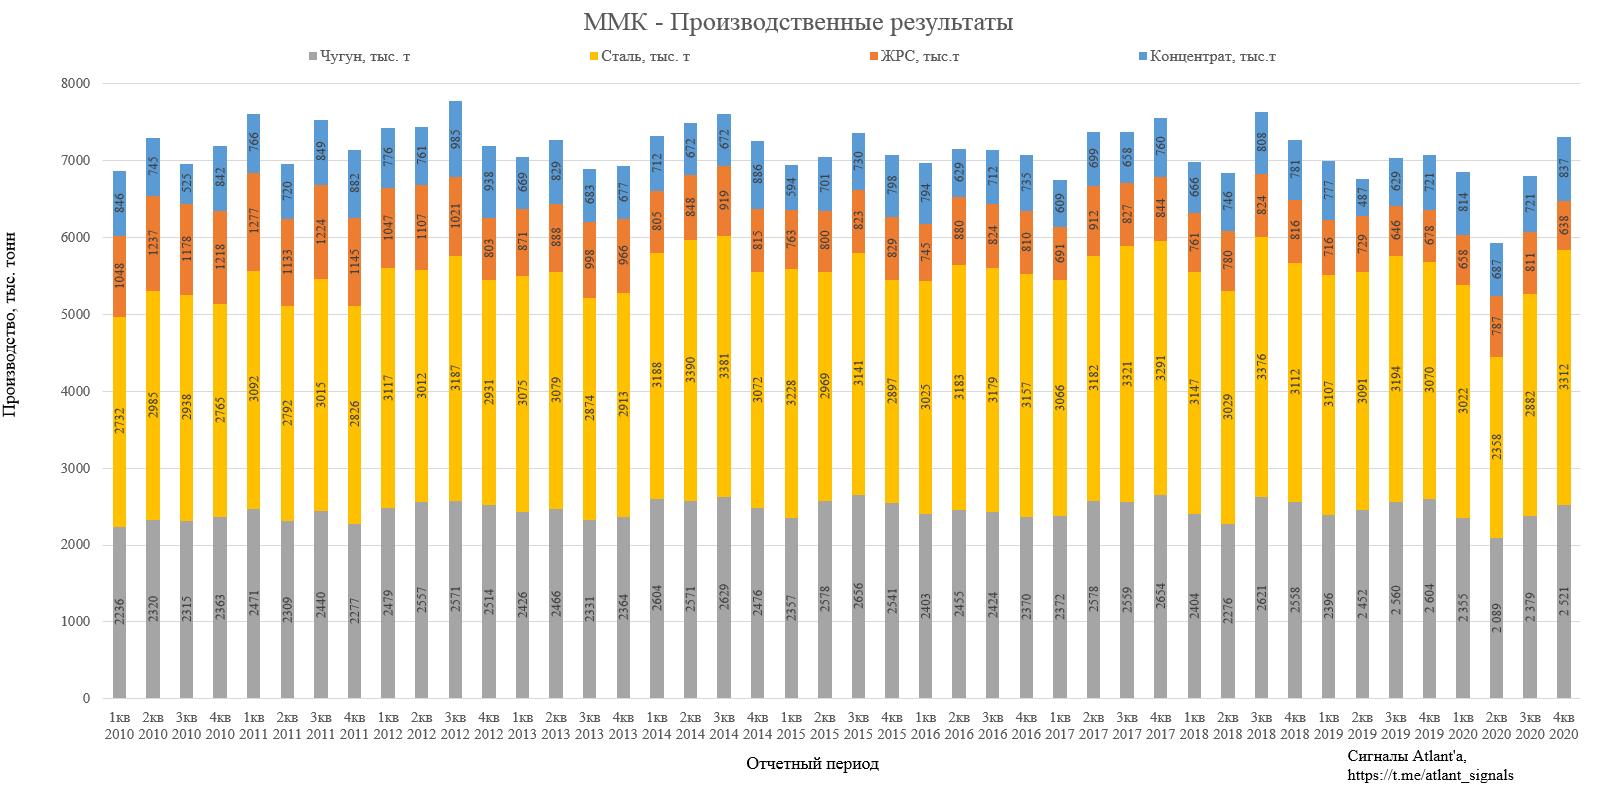 ММК. Обзор операционных показателей за 4-й квартал 2020 года. Прогноз финансовых показателей и дивидендов